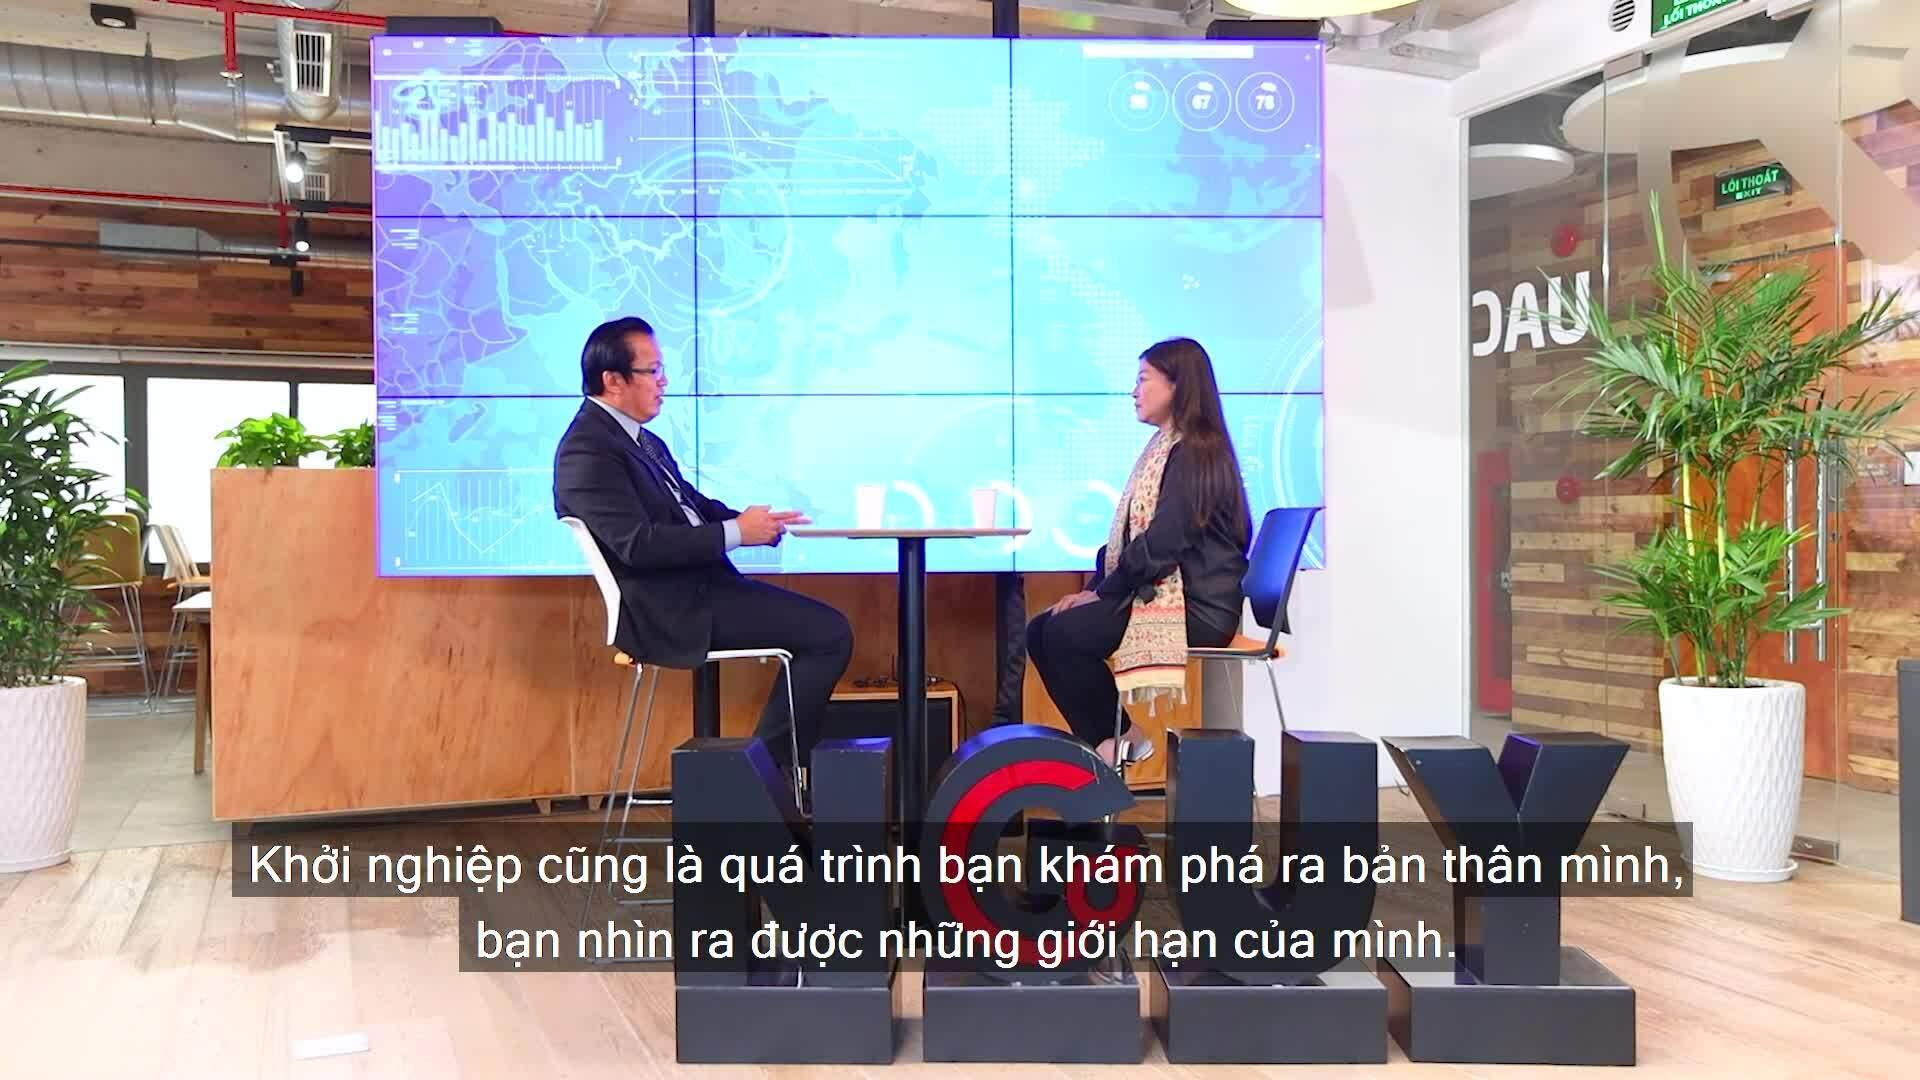 Bài học khởi nghiệp tuổi 50 của ông chủ Saigon Books